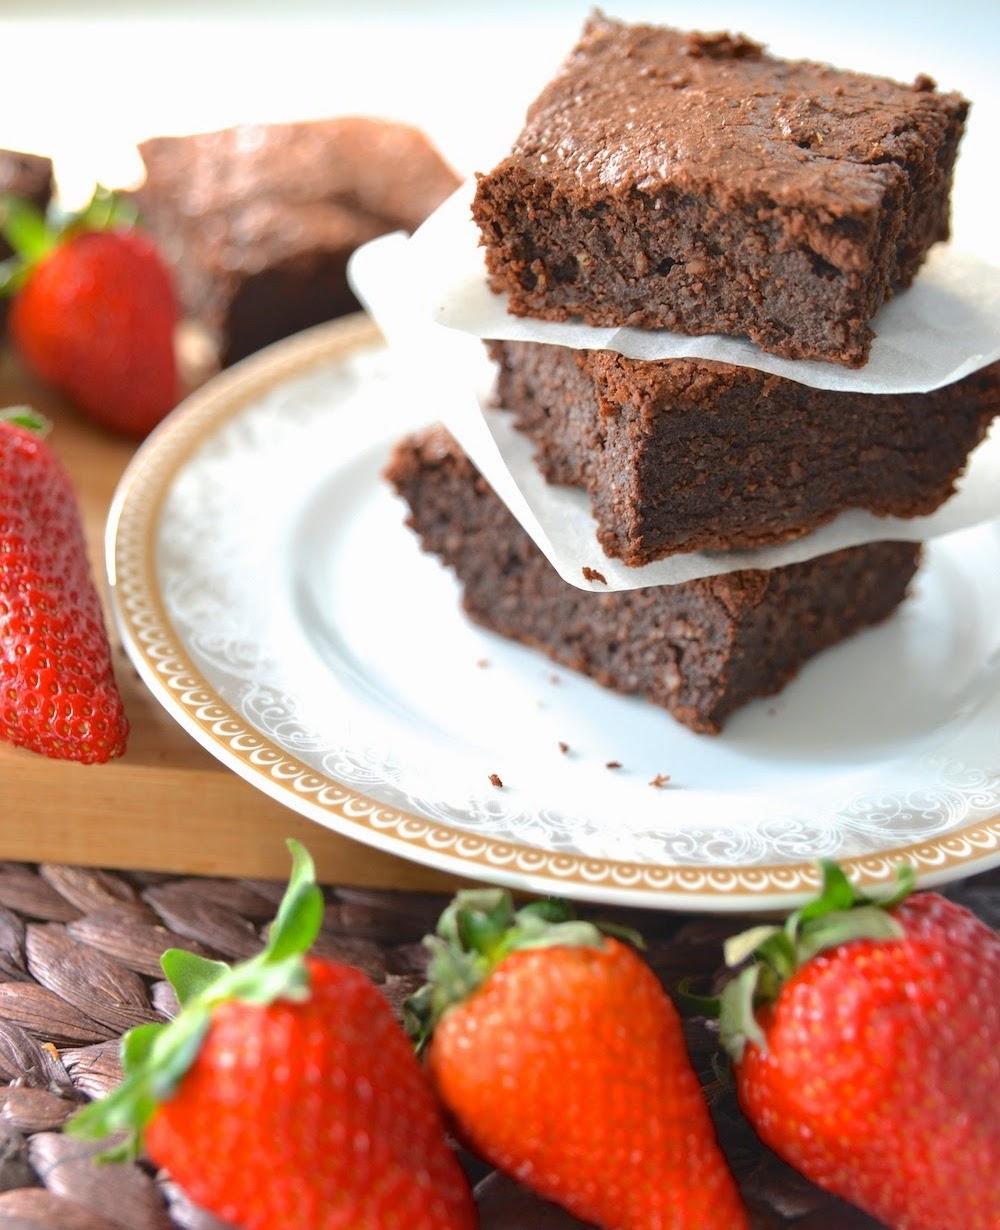 Bezglutenowe brownie, Brownie bez glutenu, brownie czekoladowe, Brownie klasyczne, Ciasto bez mąki, Ciasto czekoladowe, Ciasto migdałowe, kuchnia, Mąka migdałowa, Przepis, Szybkie brownie, Szybkie ciasto,